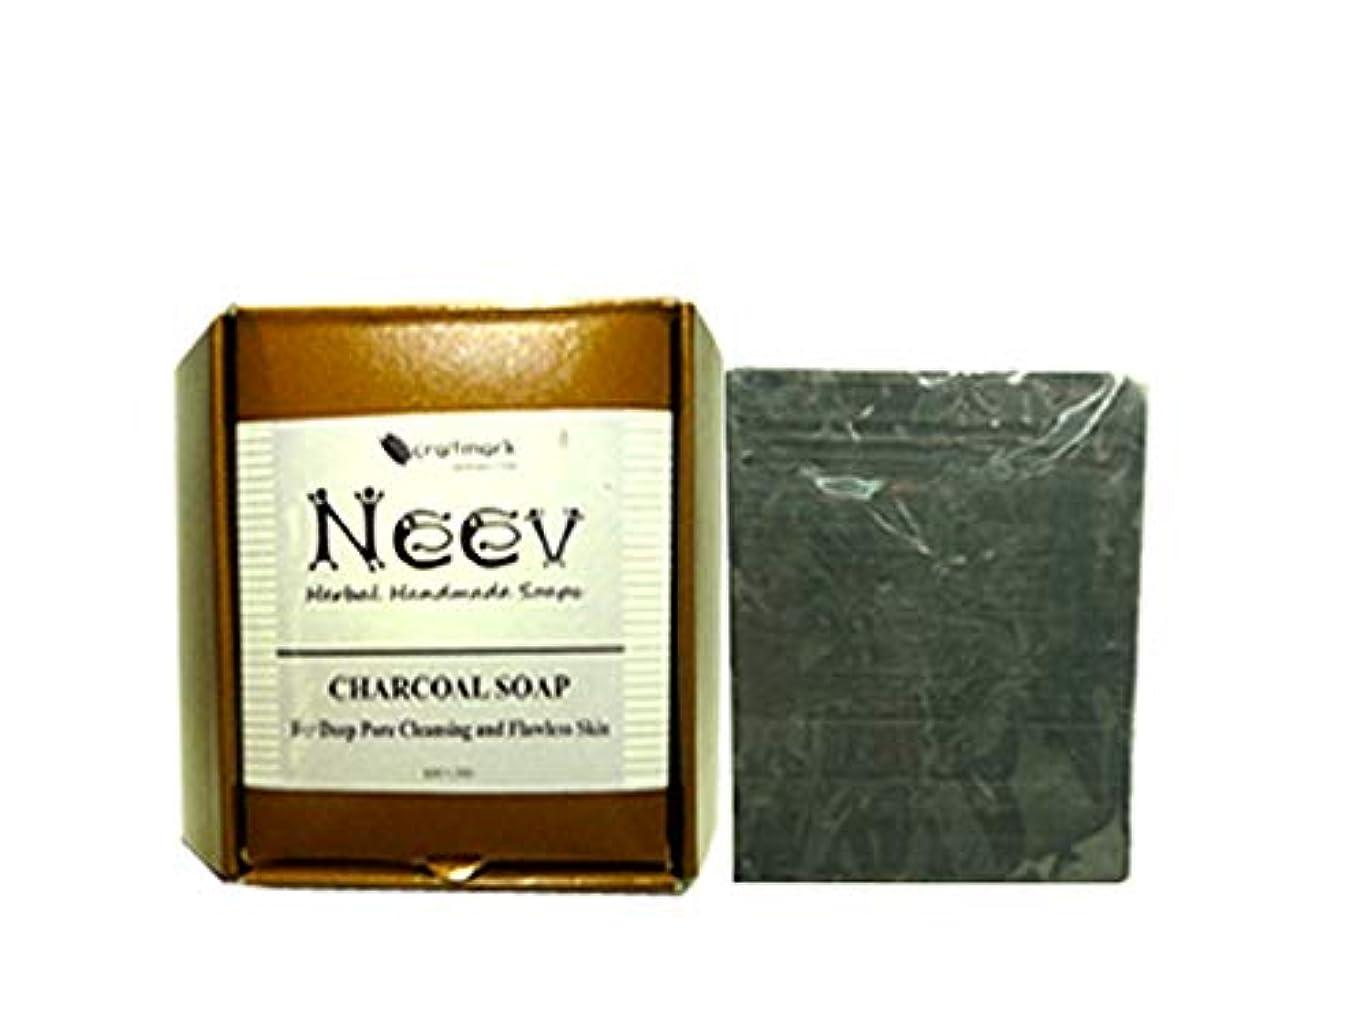 手作り アーユルヴェーダ ニーブ チャコール ソープ(炭石鹸)100g NEEV CHARCOAL SOAP